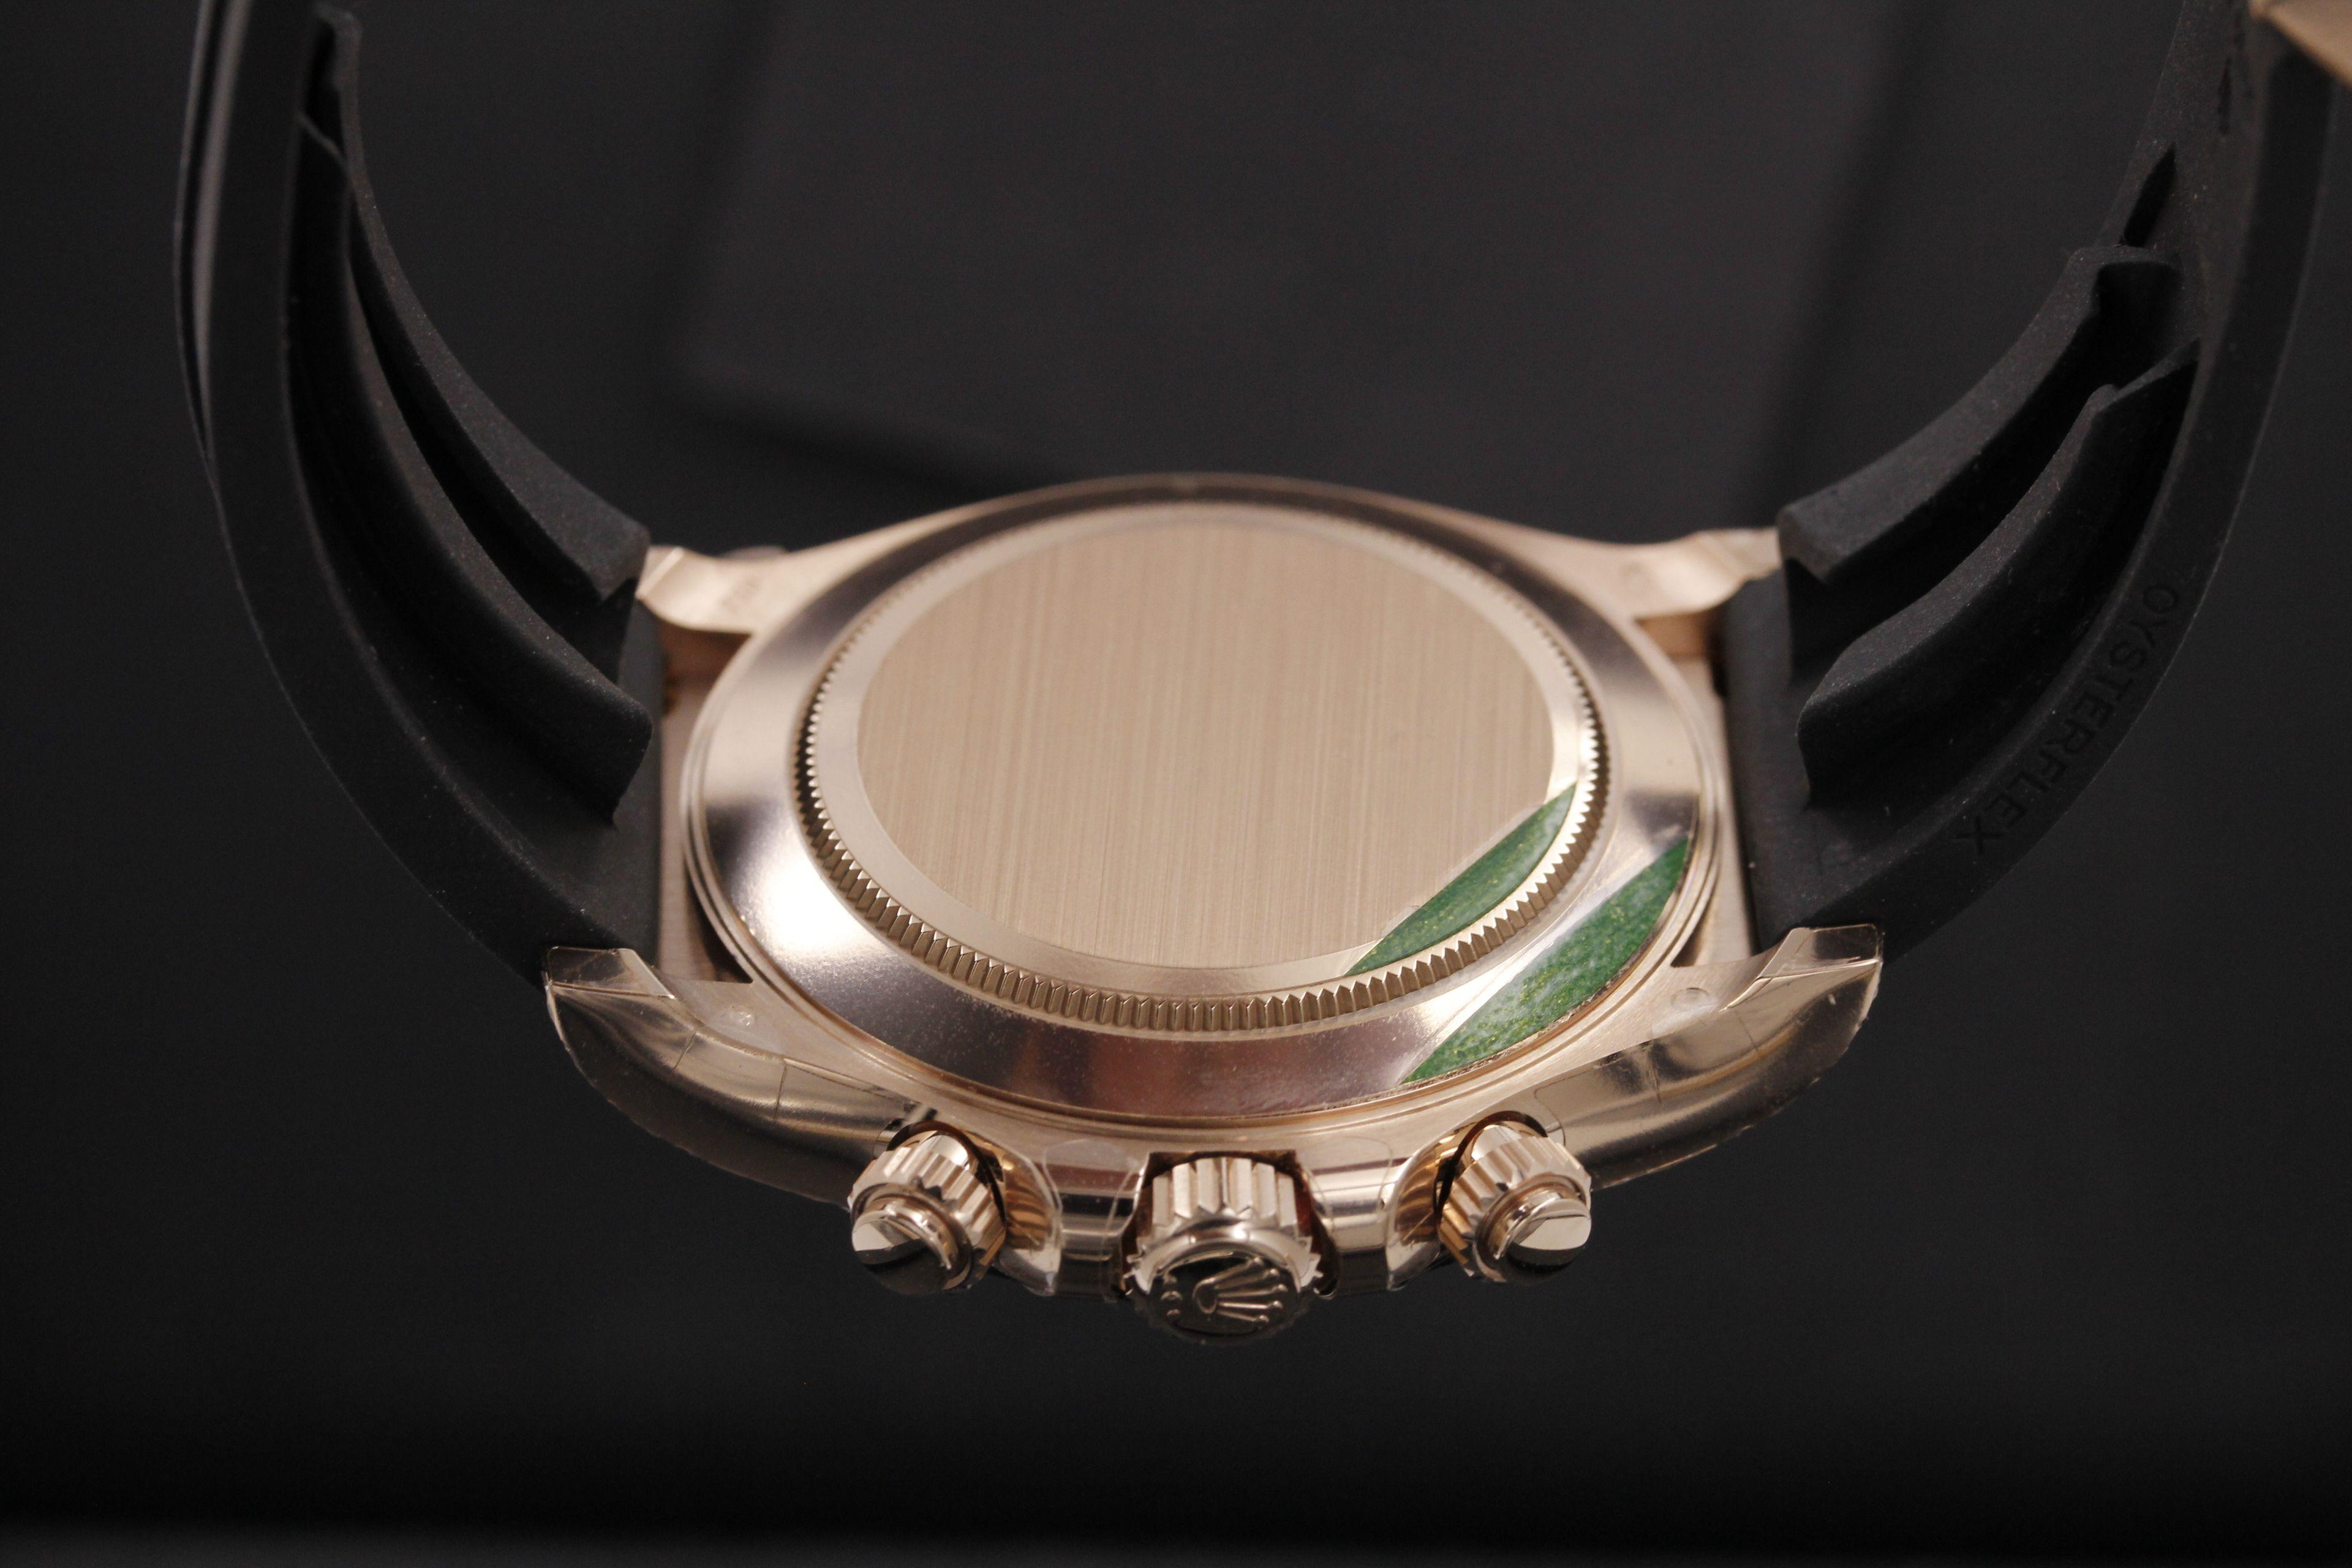 Rolex Daytona 116515 Rose Gold - OCWatchGuy